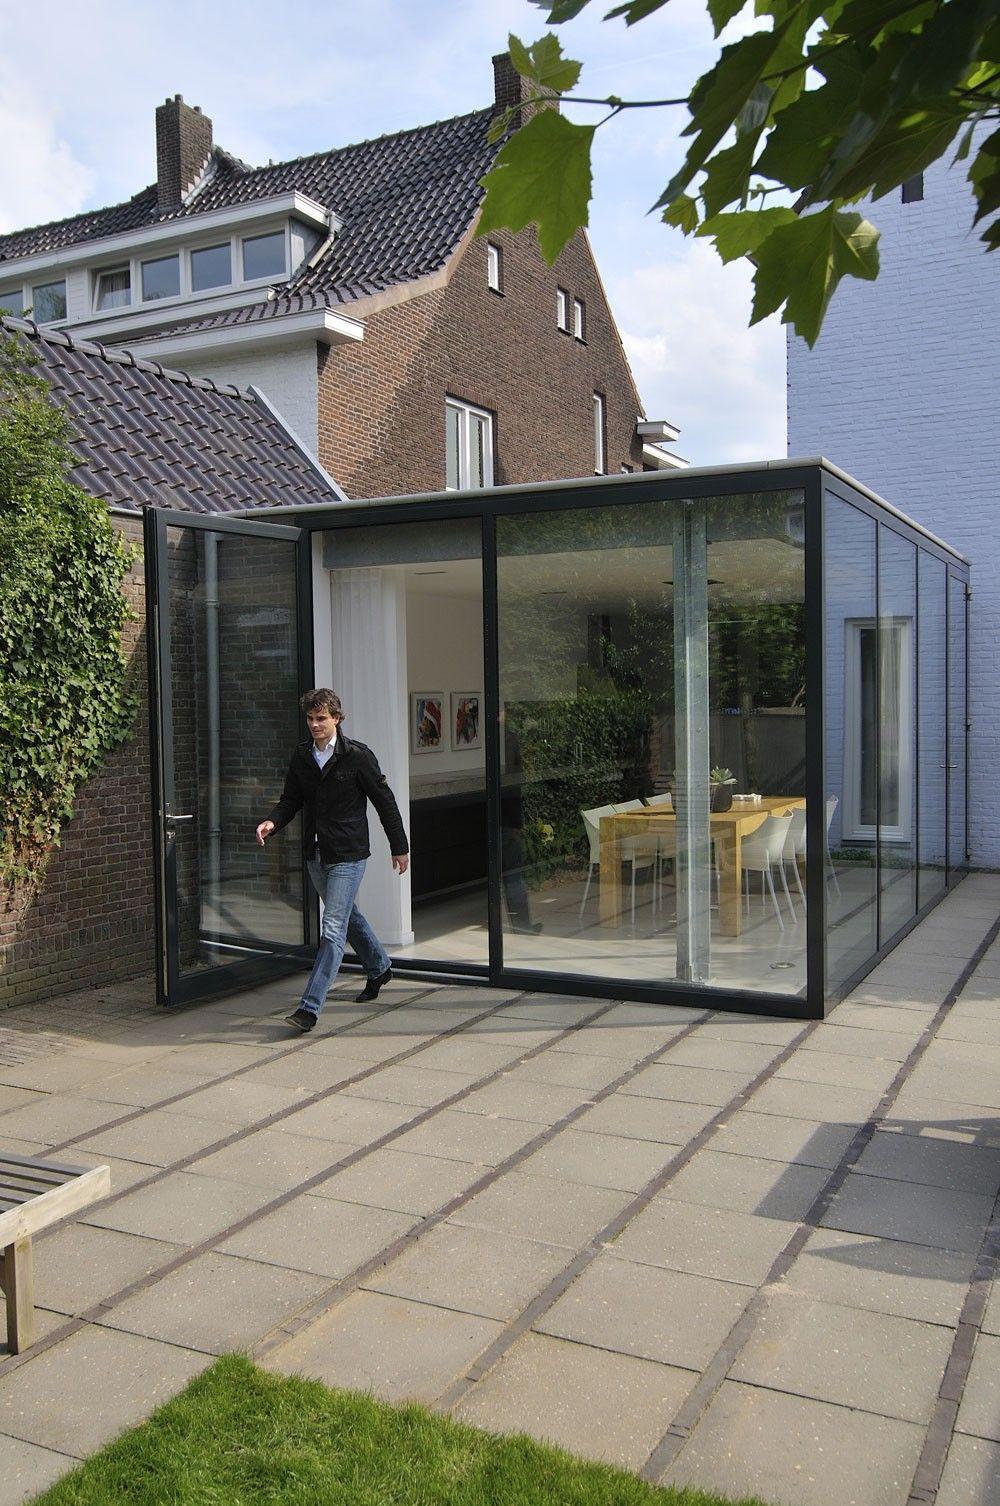 Verbouwing glazen box inspiratie for Glazen uitbouw